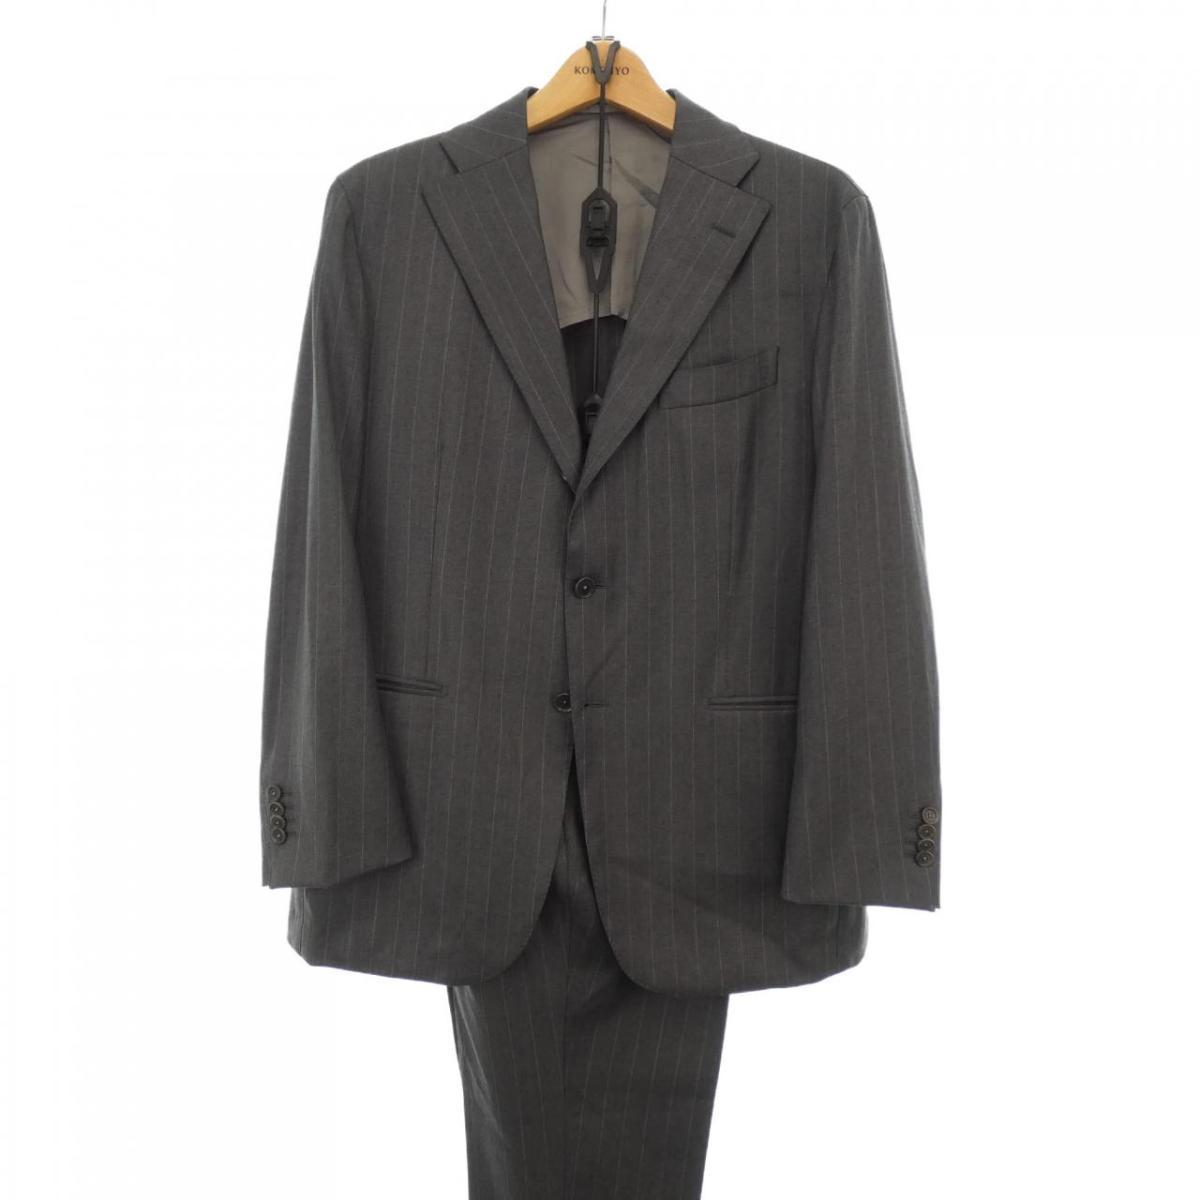 GENTRYCOMPLEX スーツ【中古】